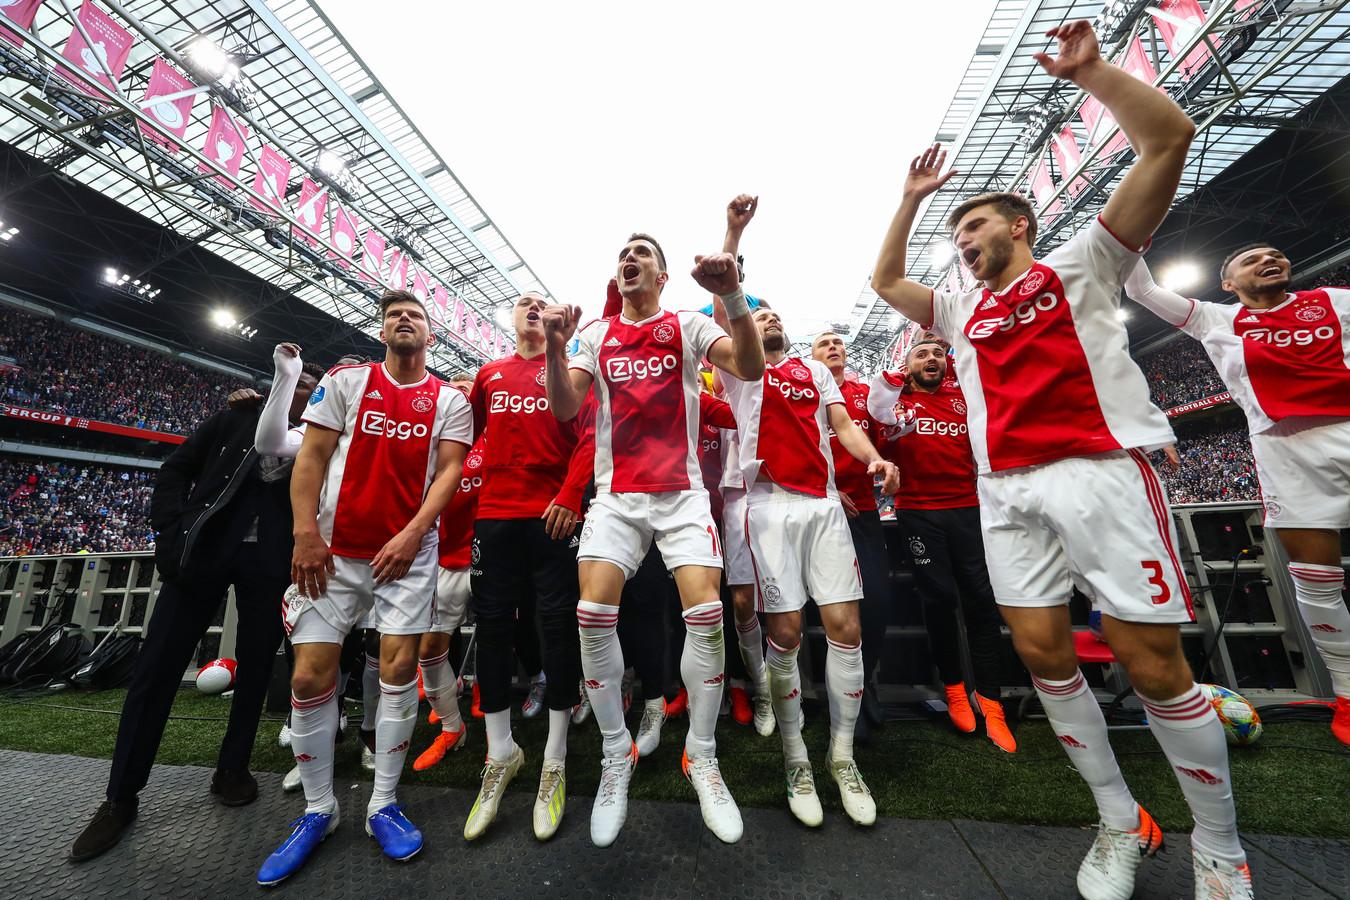 Ajax viert het kampioenschap in 2019 in een bomvolle Arena. Zo intens als toen zal een eventuele - officieuze - titel vandaag niet worden gevierd voor maximaal 7500 toeschouwers.